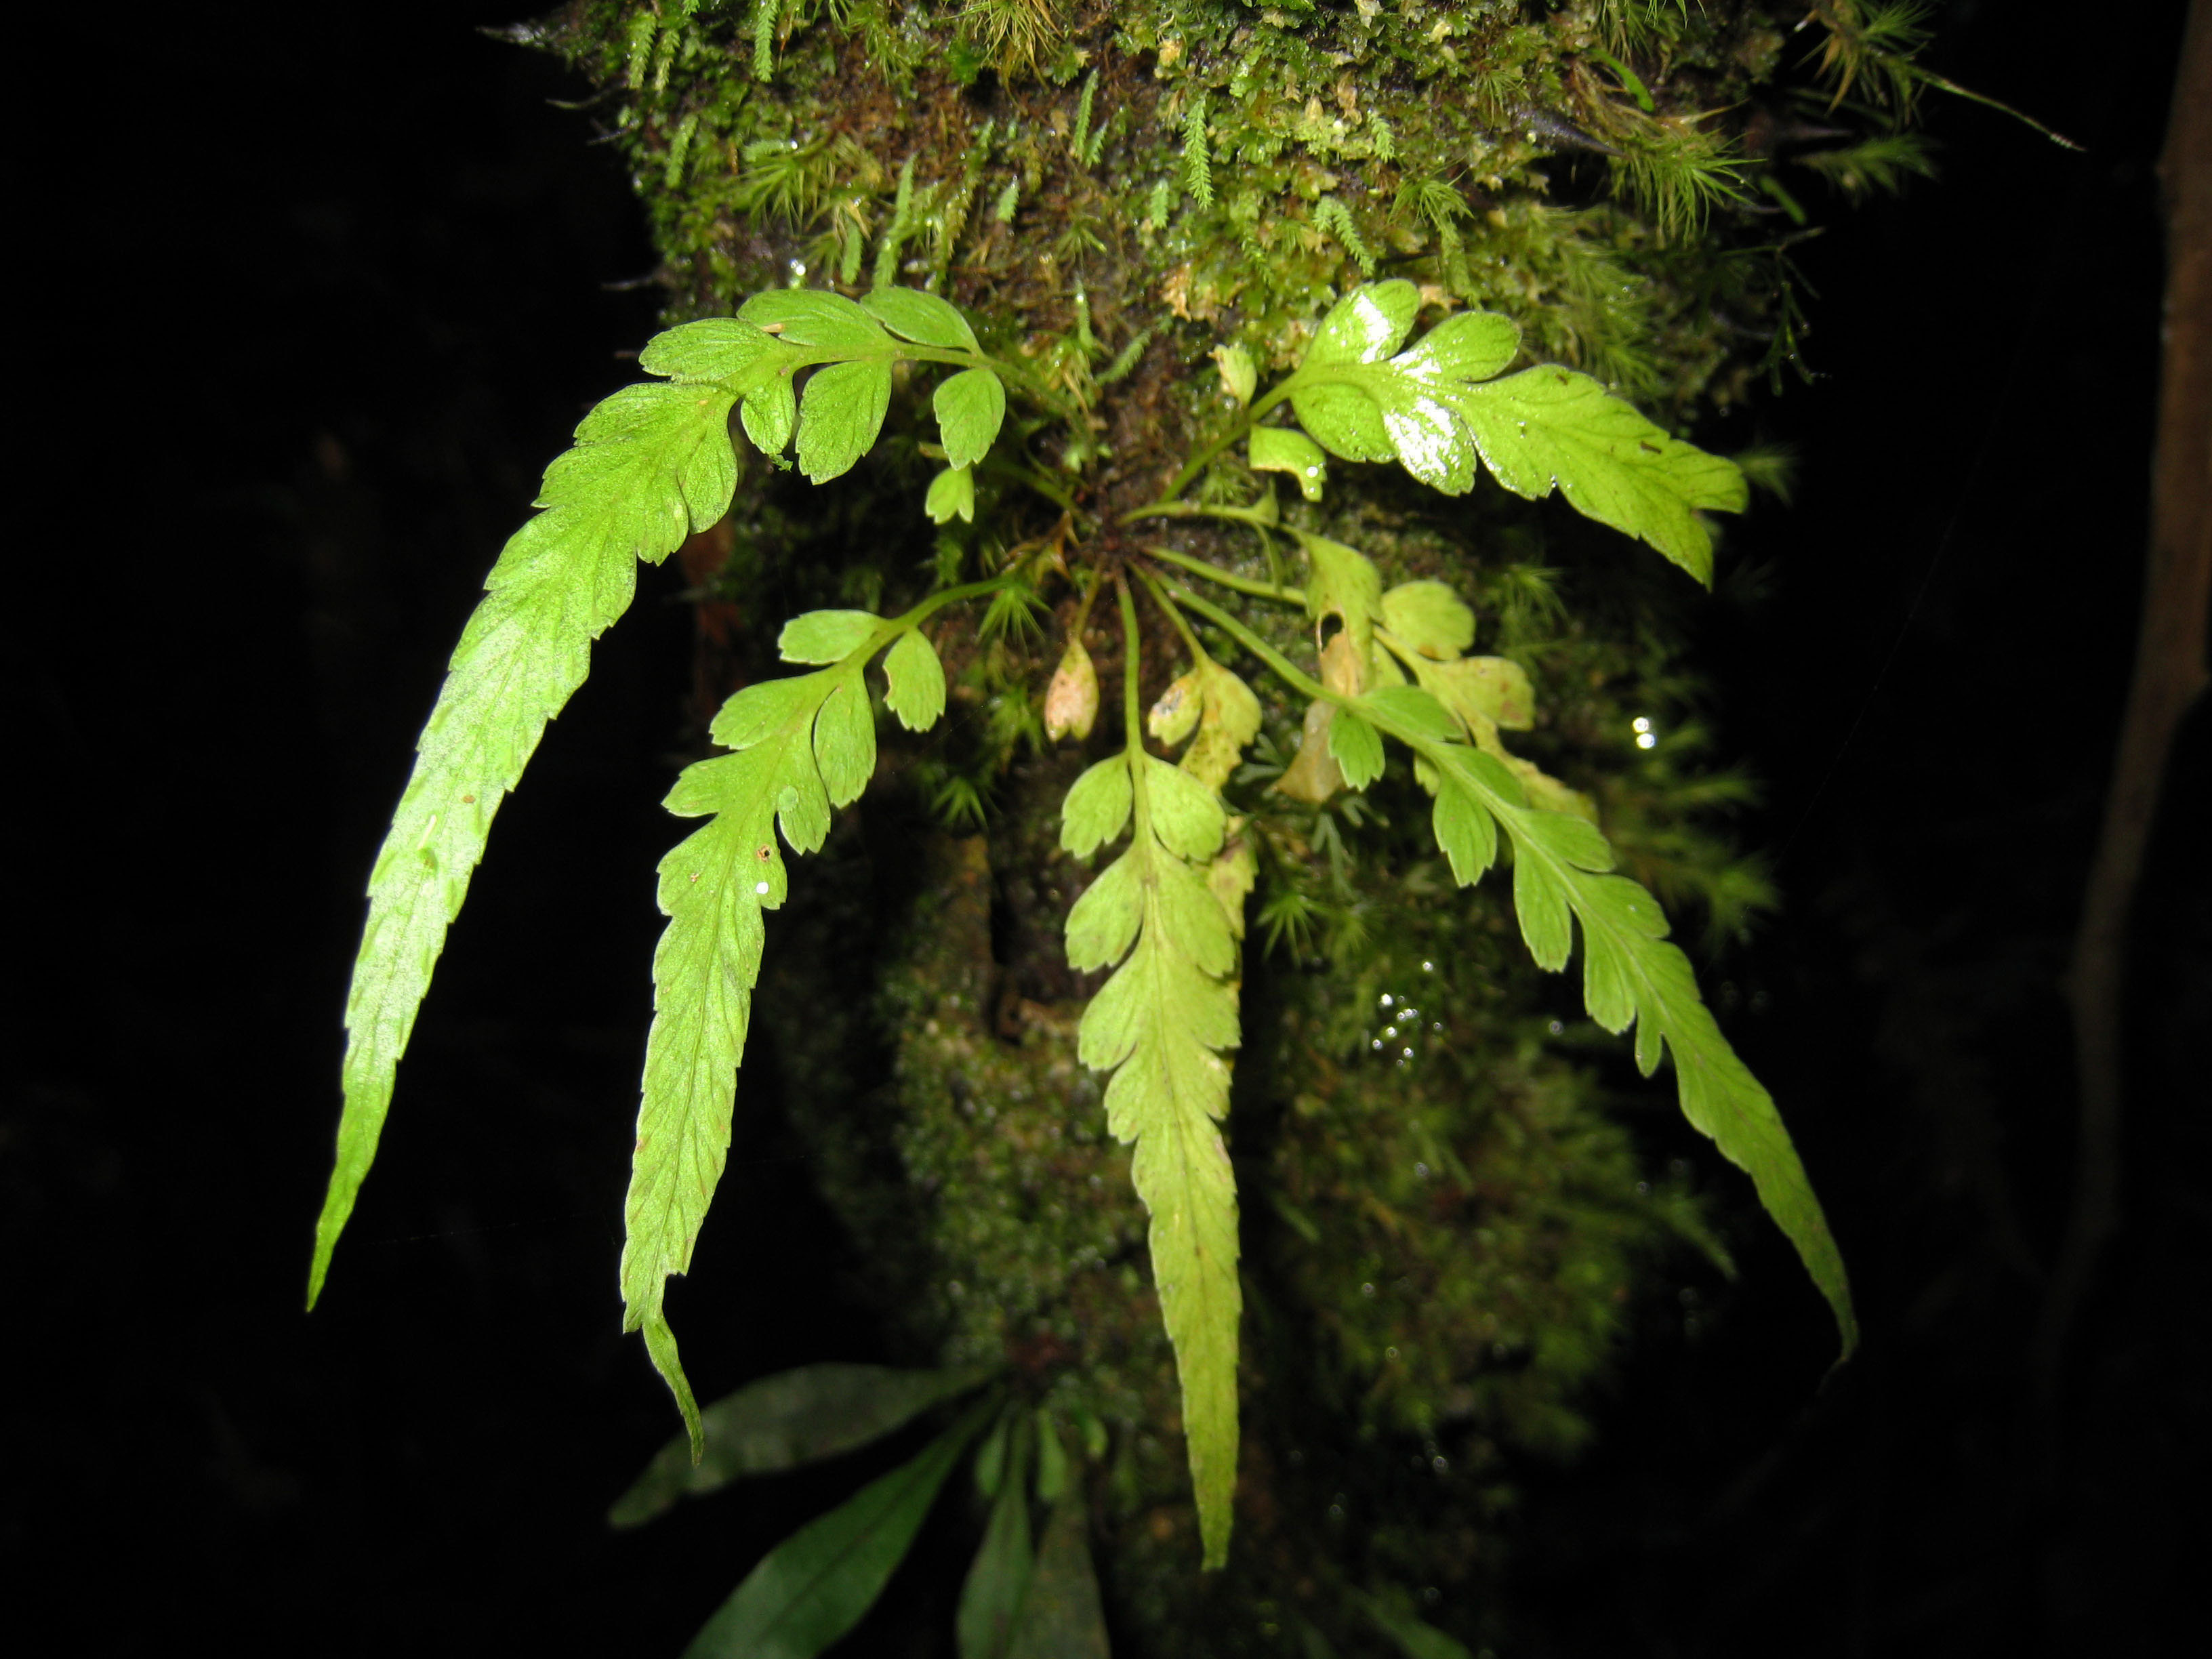 Asplenium truncorum